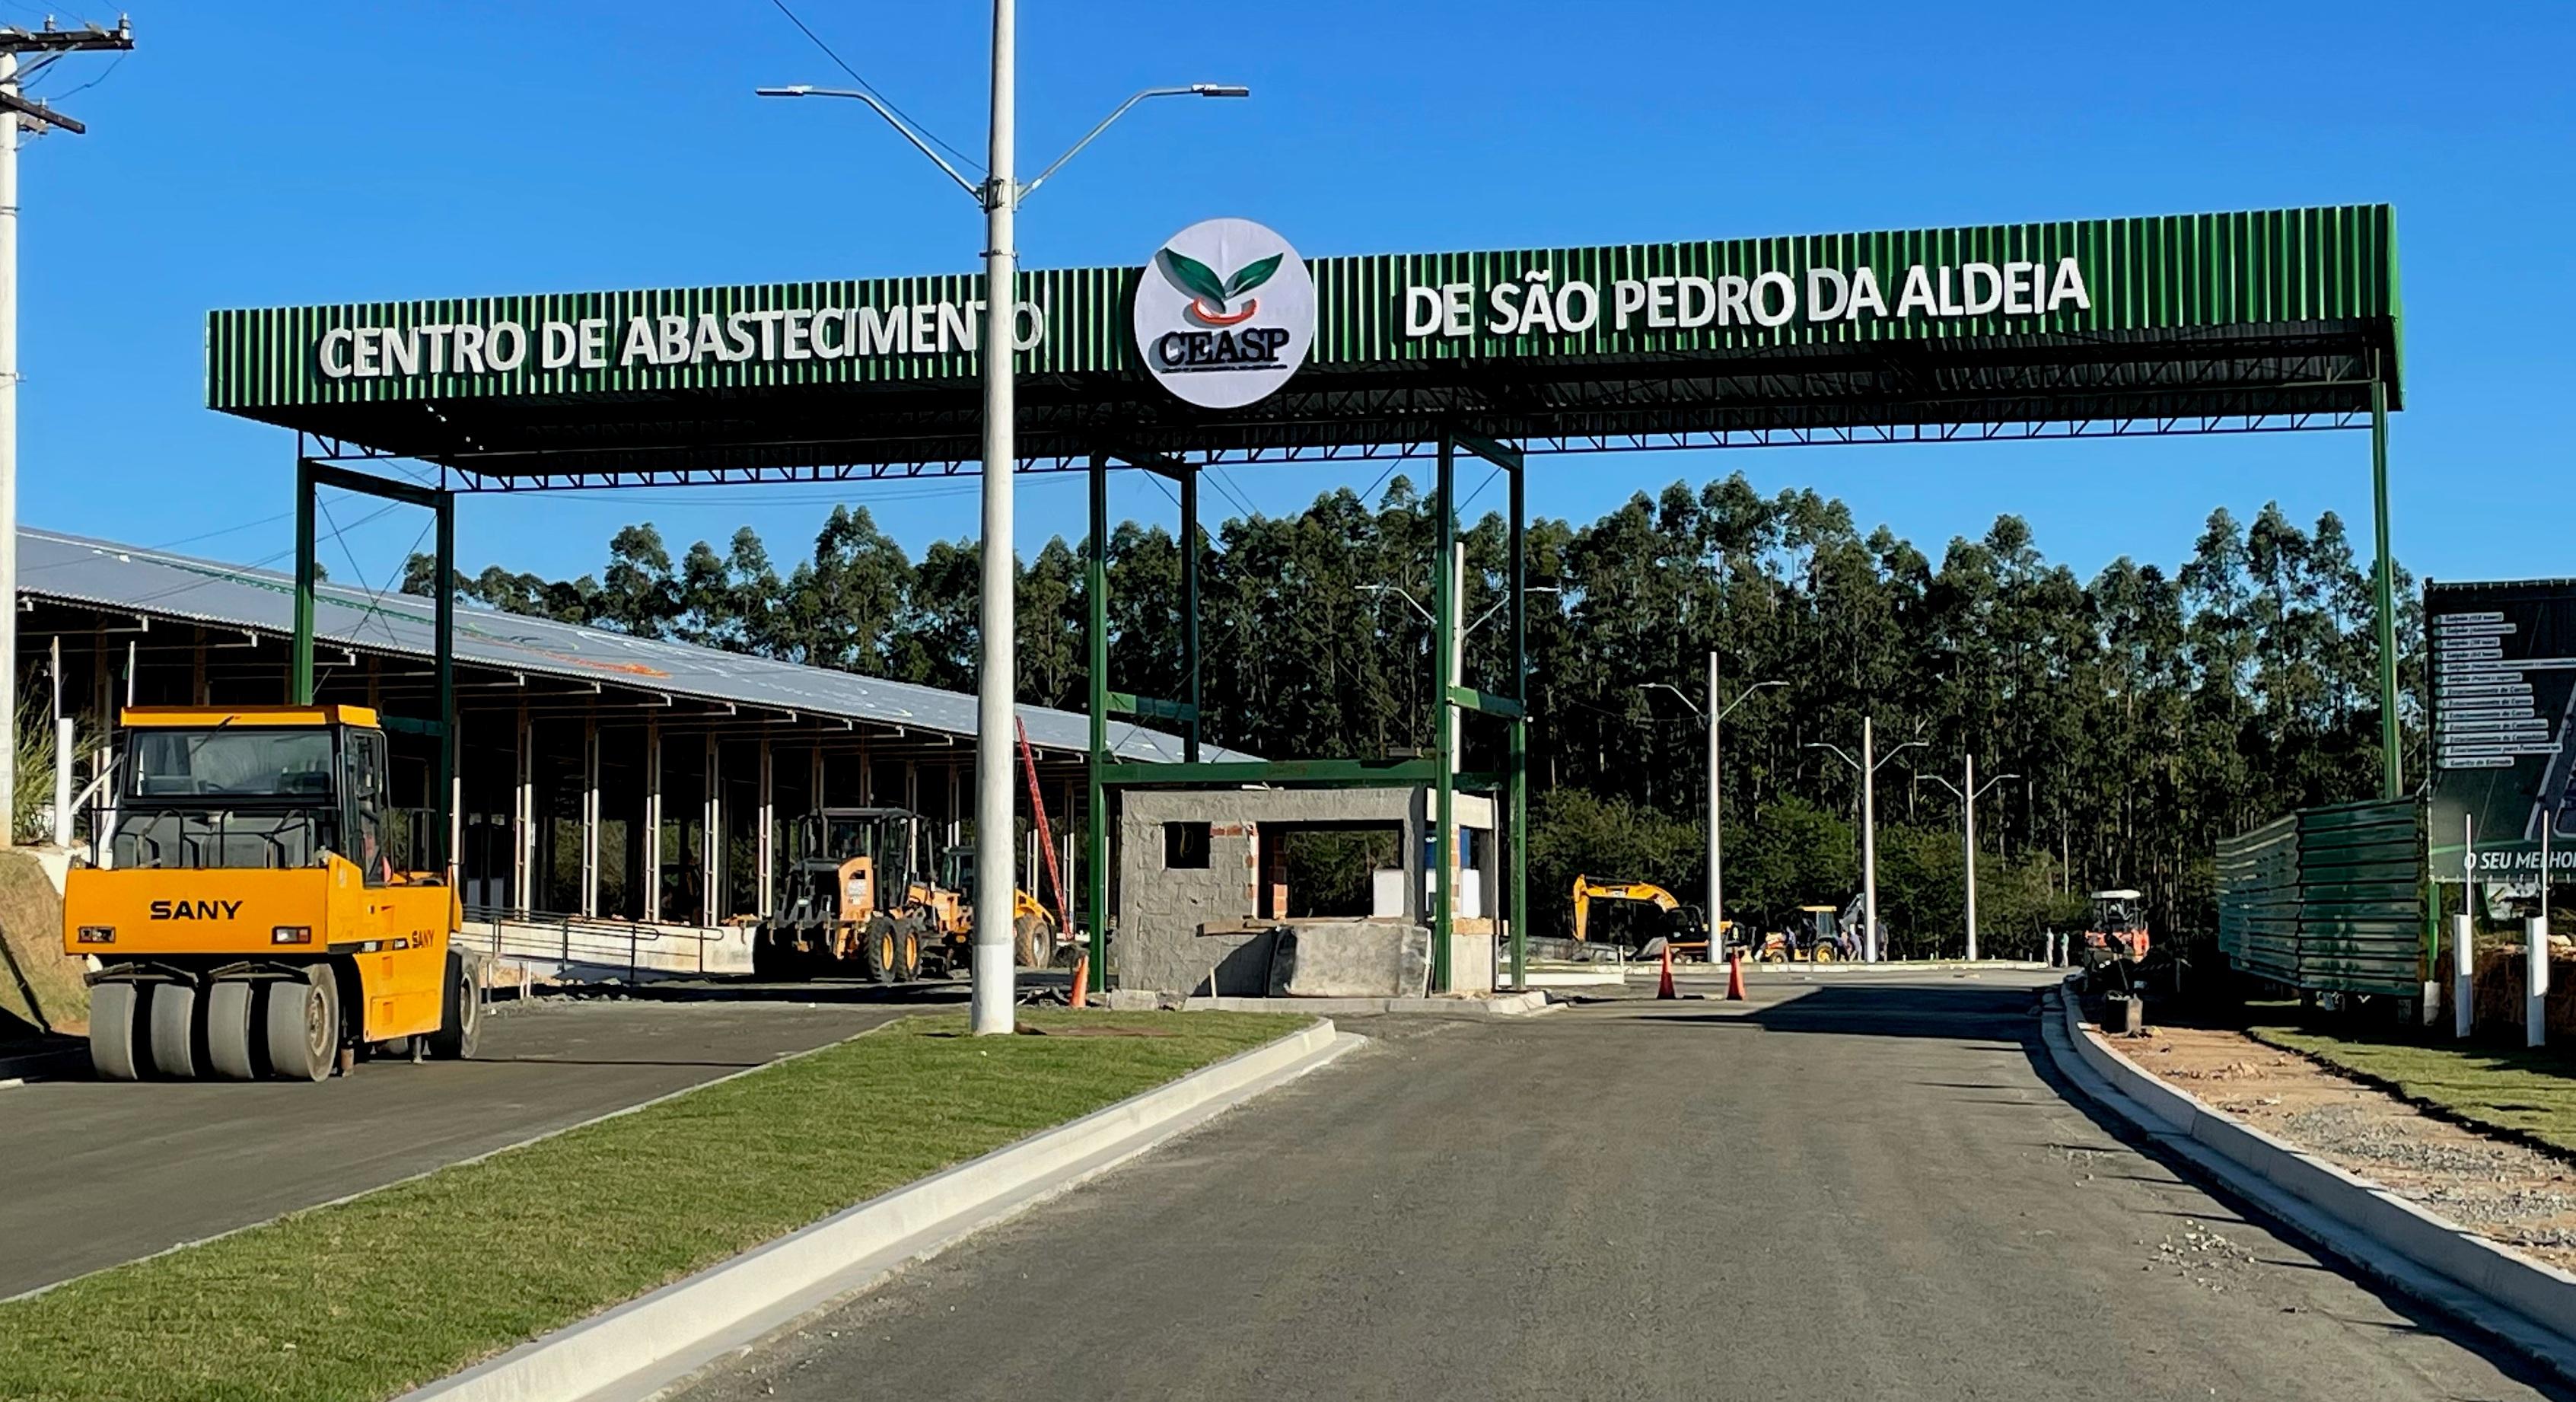 Maior centro privado de abastecimento de alimentos do Brasil será inaugurado em São Pedro da Aldeia